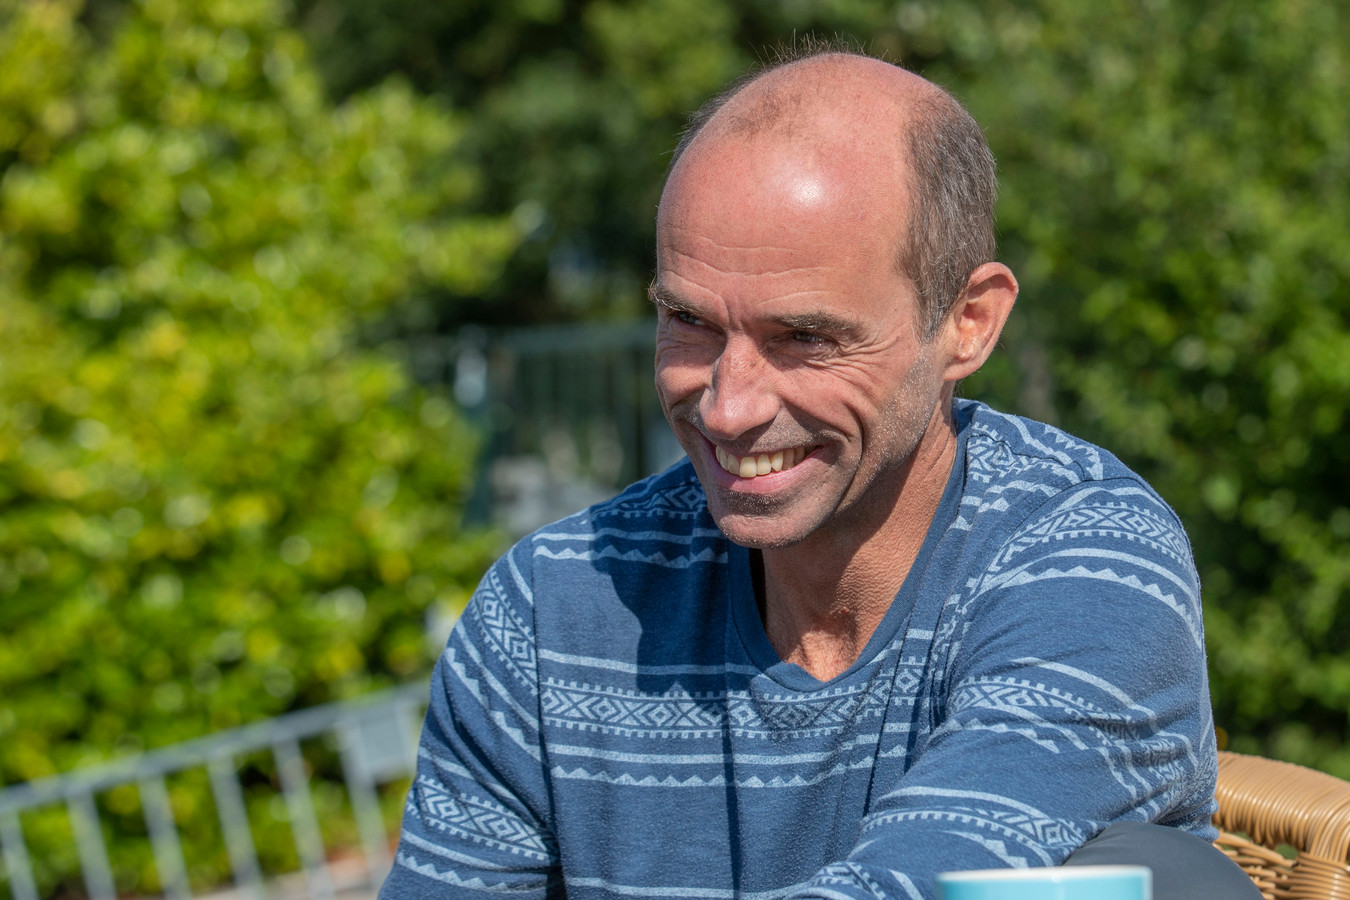 Rik Groenen, een van de deelnemers aan de Swim to Fight Cancer, op 15 september in Eindhoven.